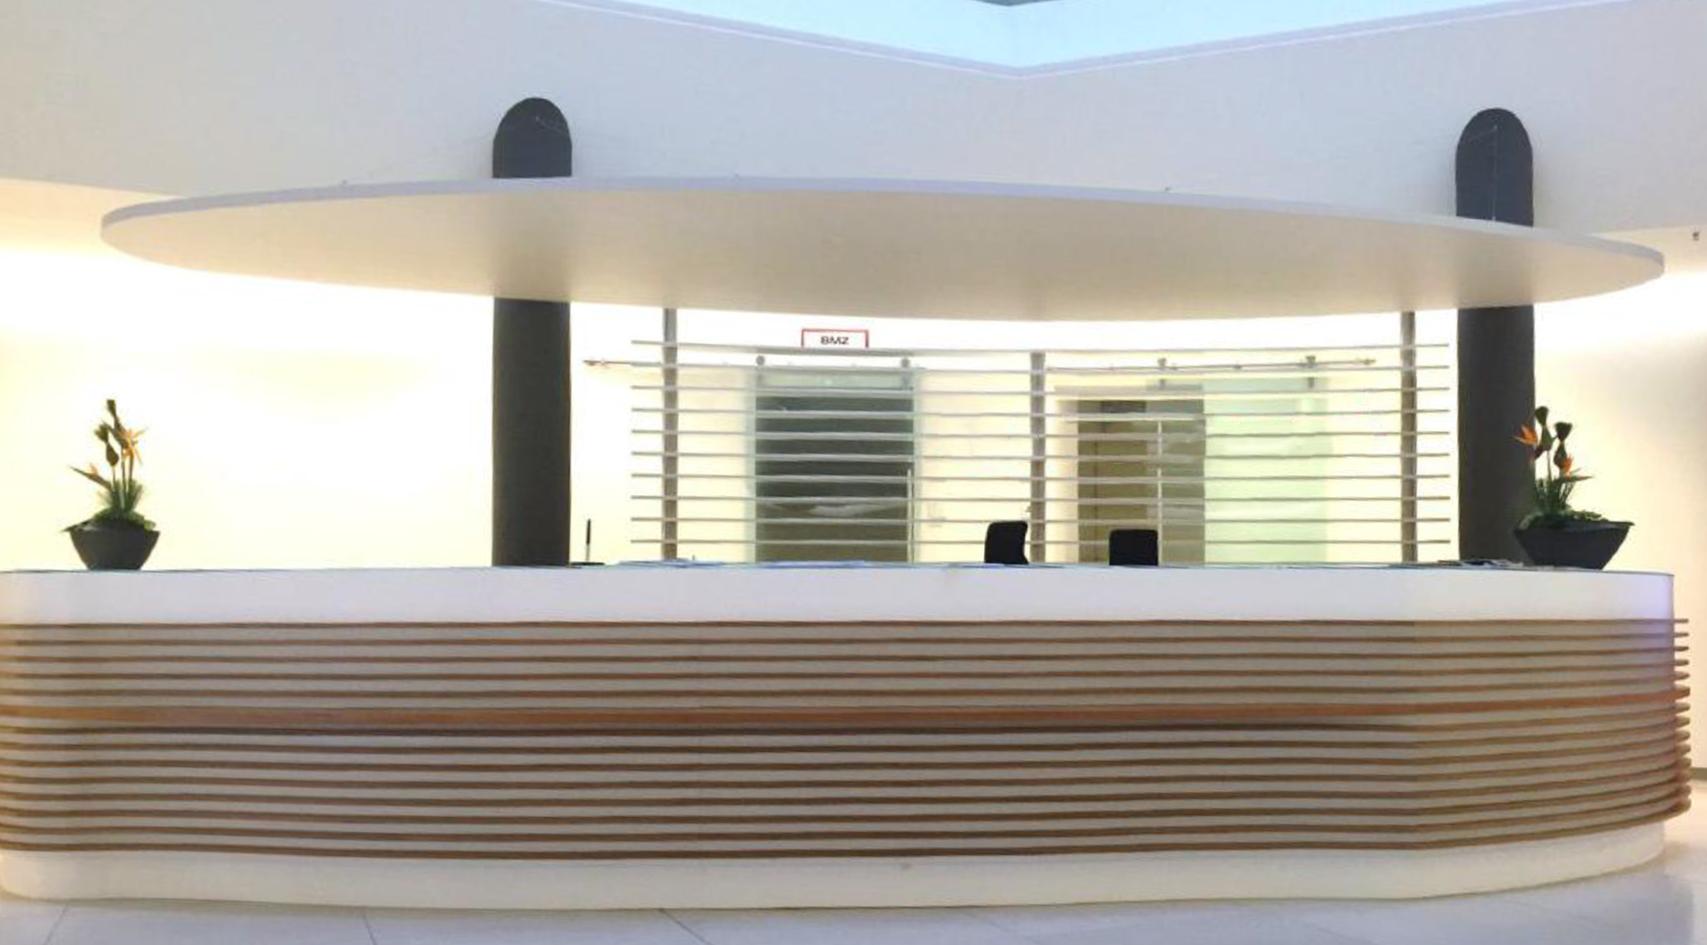 Innenarchitektur raumgestaltung mit funktion for Raumgestaltung deutsch